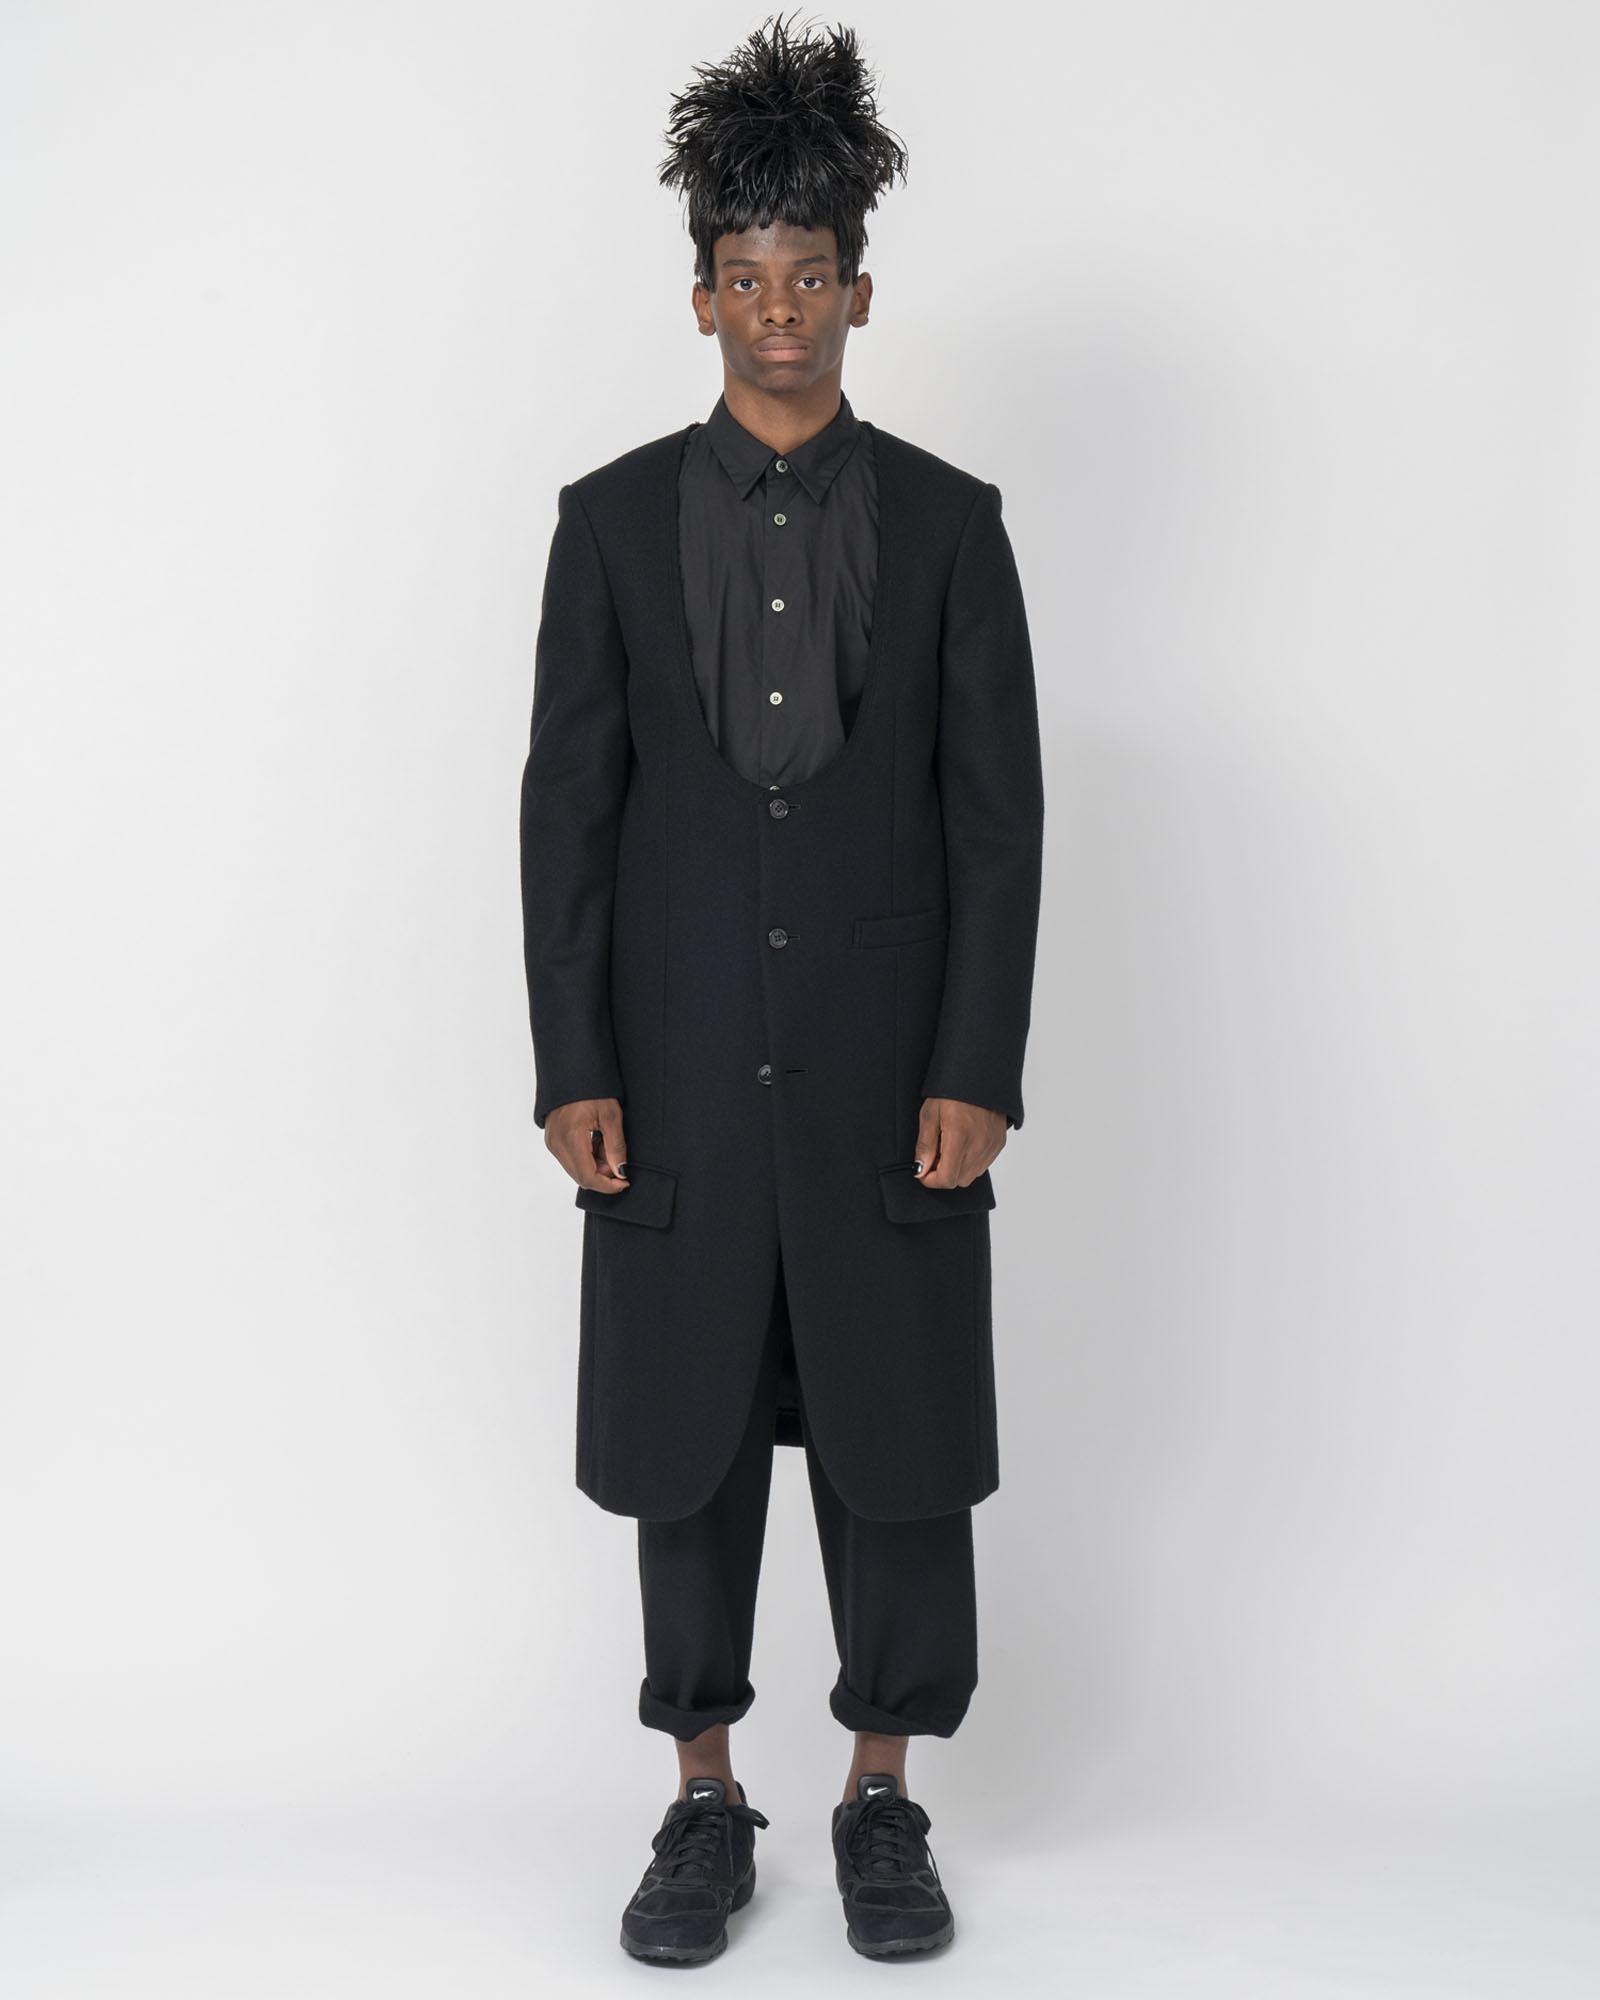 Black Comme des Garçons - shot 8